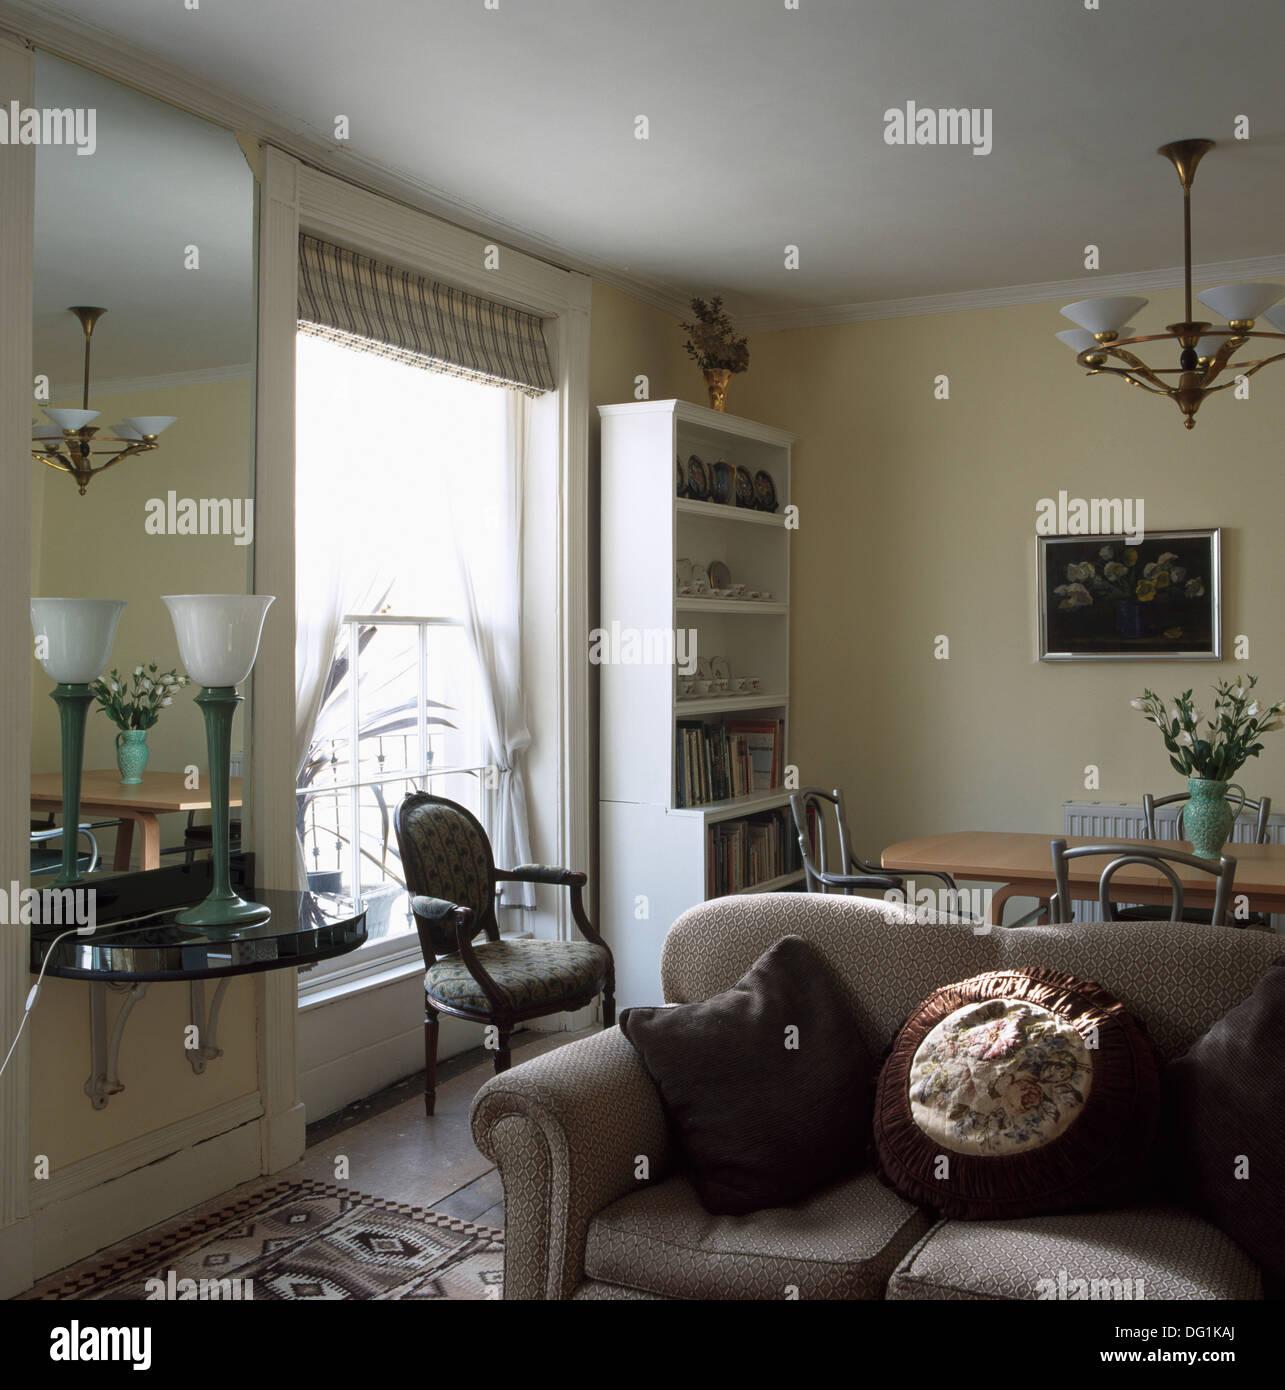 Grune Lampe Auf Konsole Regal Unten Spiegel In Wohn Und Esszimmer